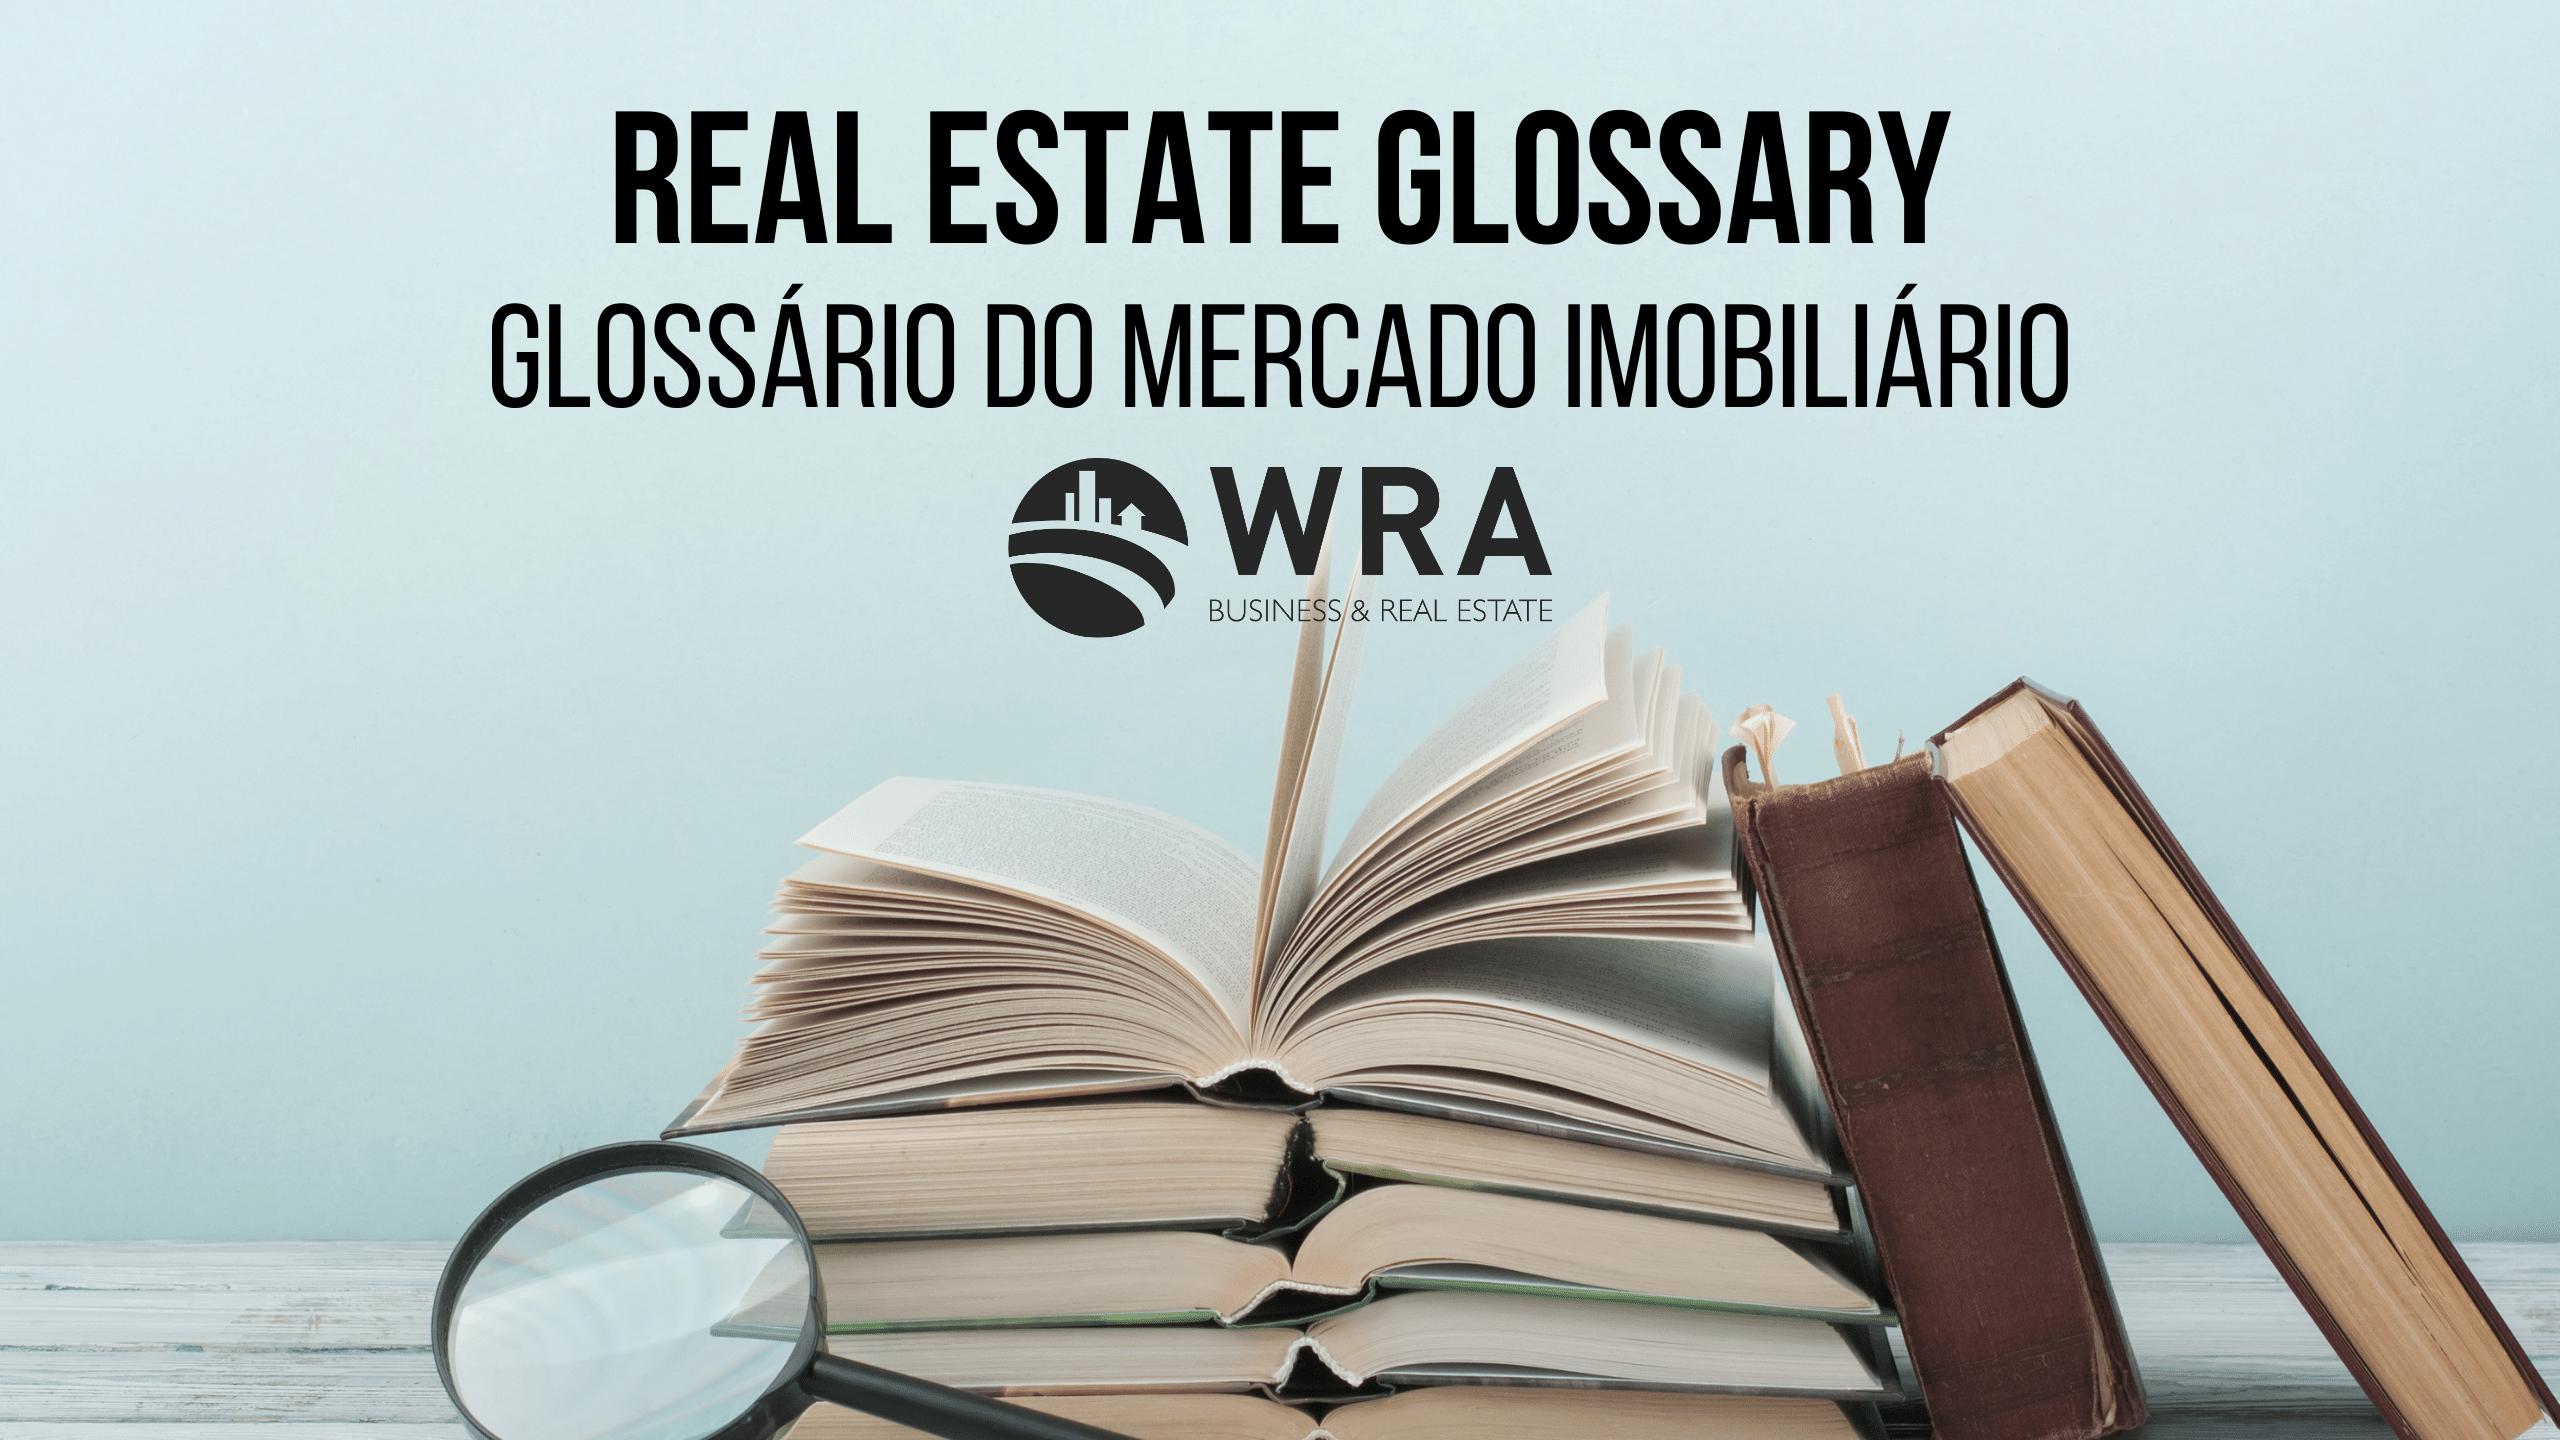 Glossário do mercado imobiliário para compradores de primeira viagem na Flórida